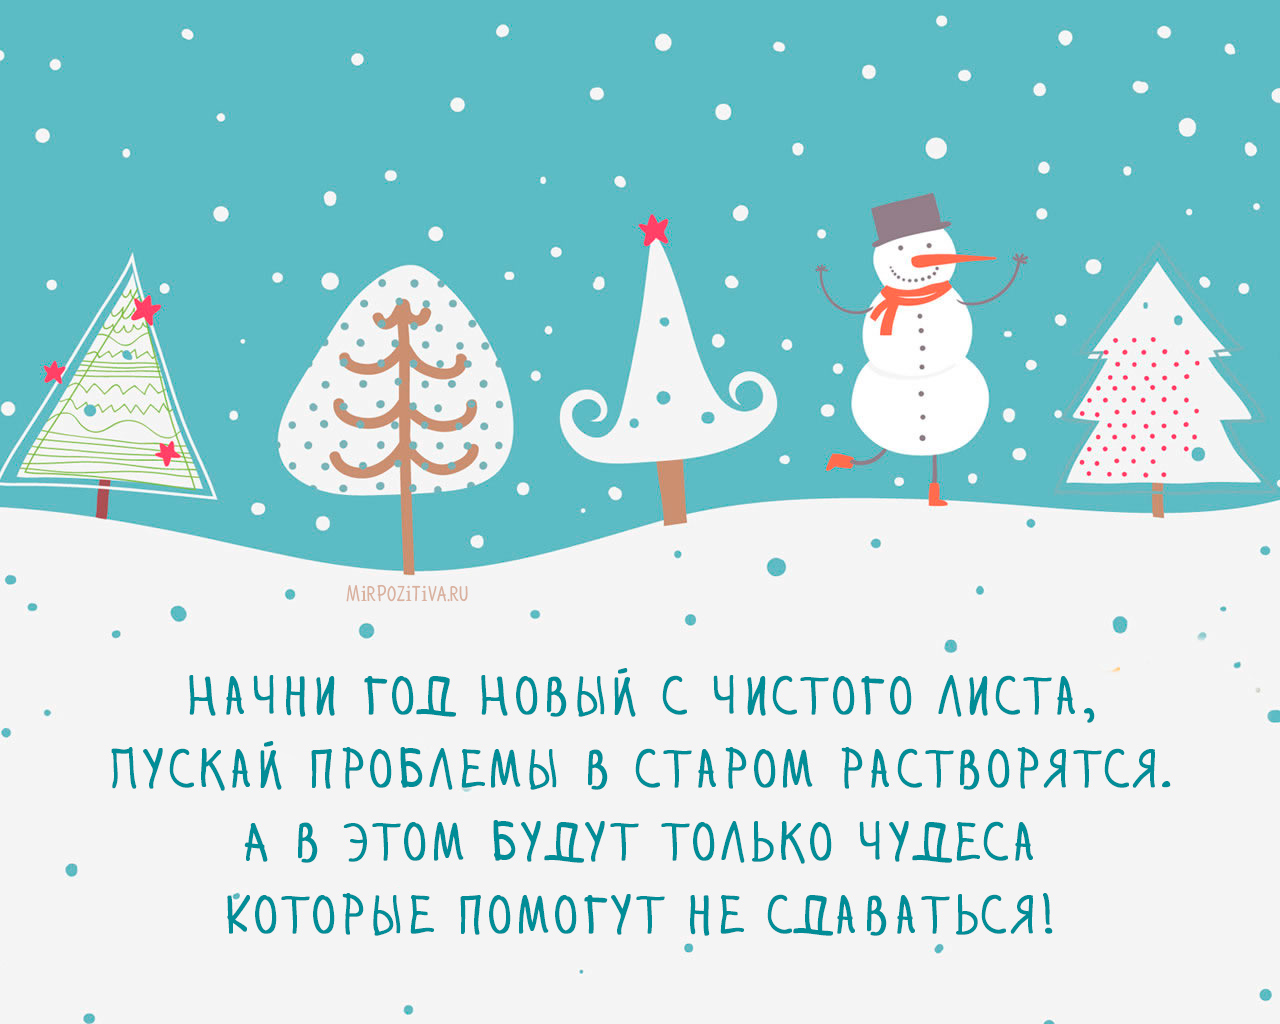 Оригинальные поздравления открытки с новым годом